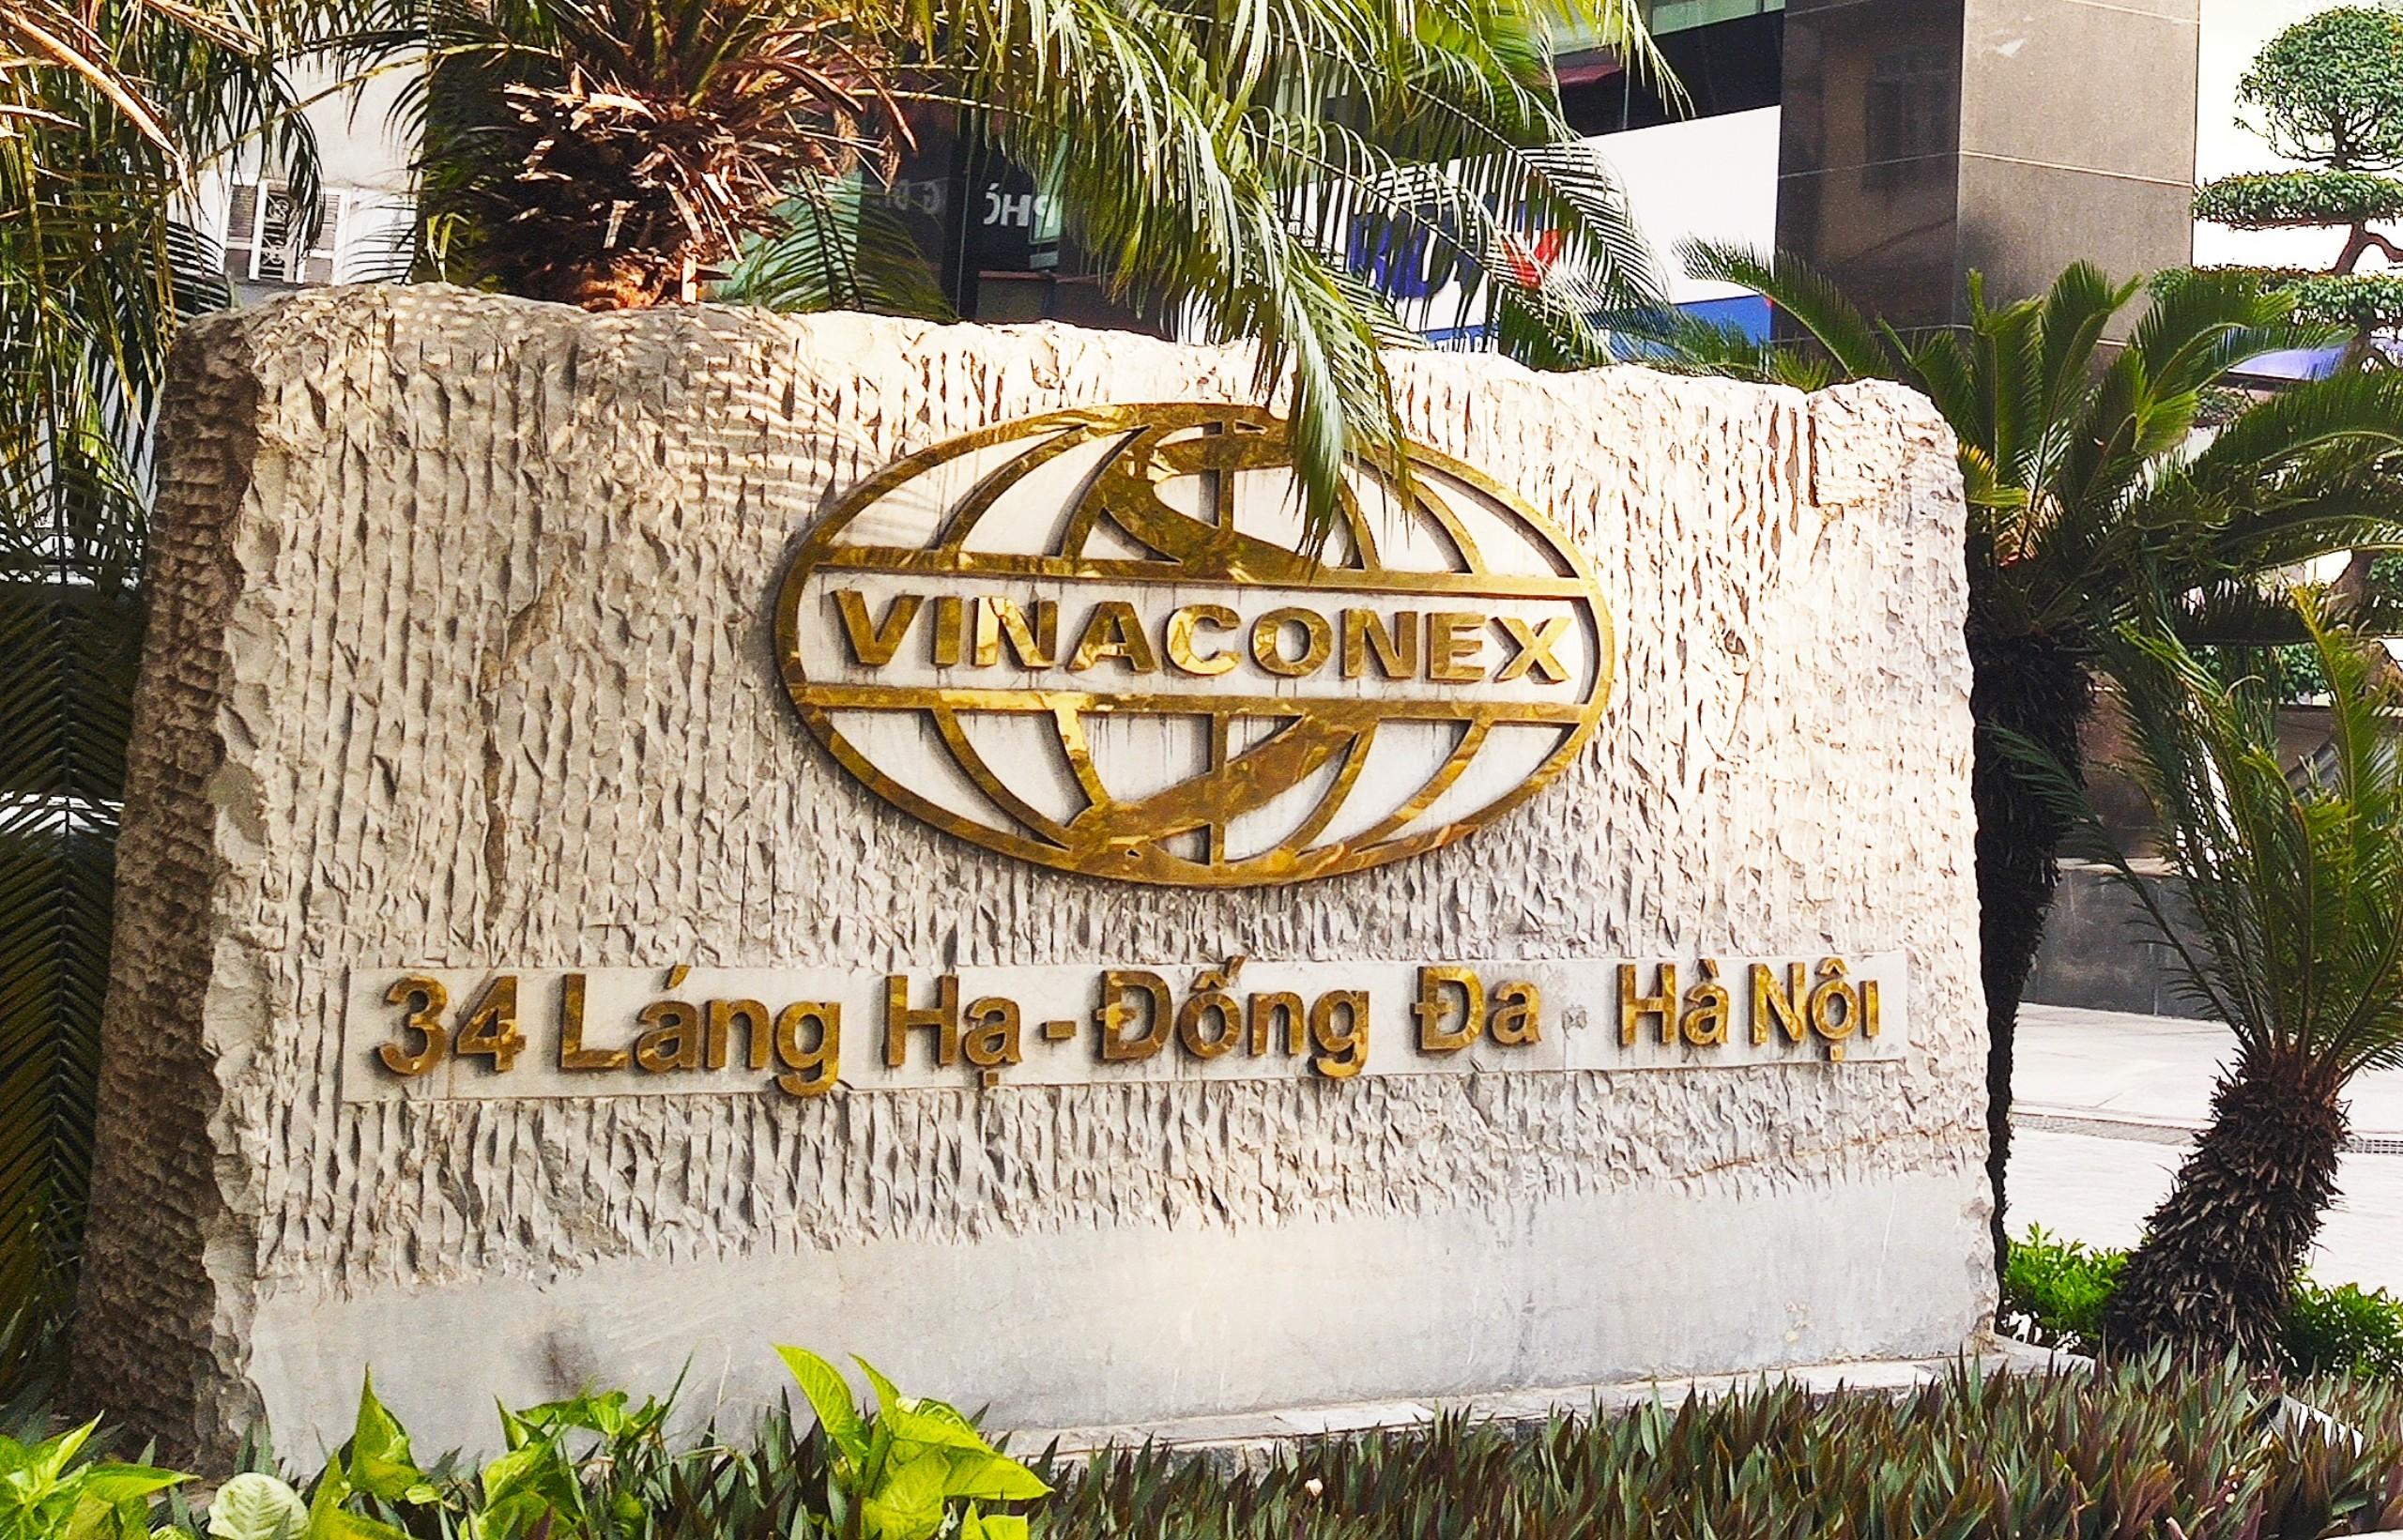 Hoạt động tài chính cứu cánh Vinaconex trong bối cảnh doanh thu lao dốc - Ảnh 1.